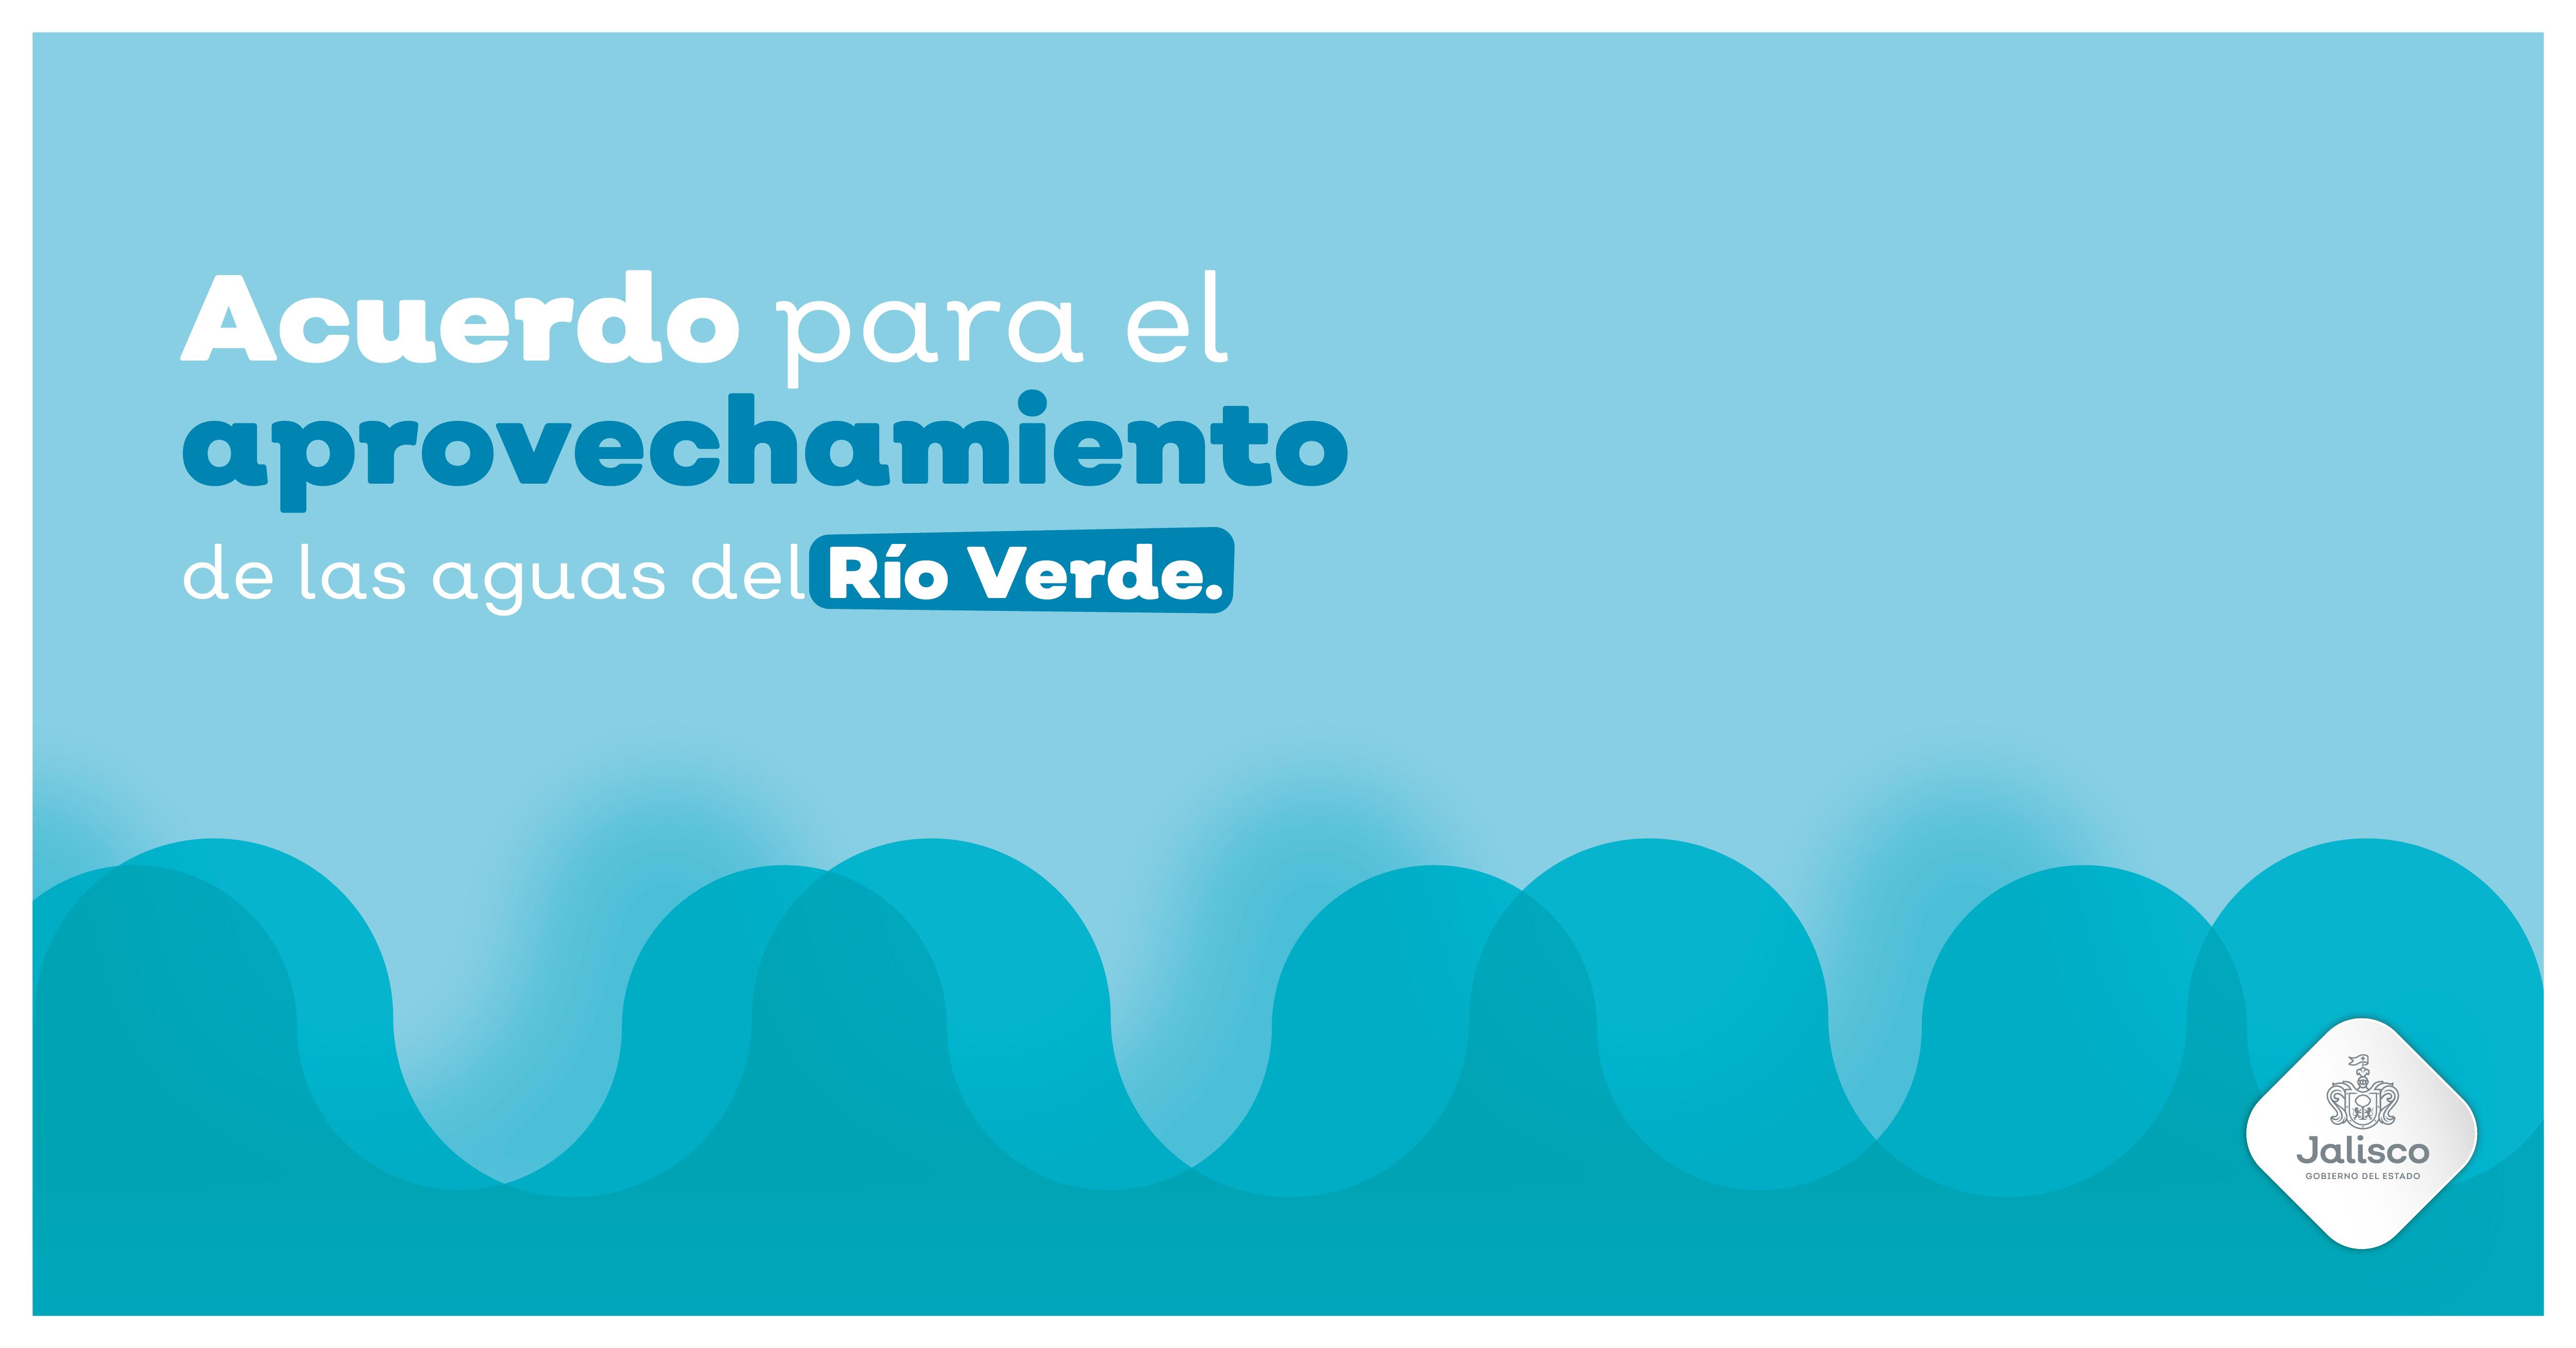 Acuerdo para el aprovechamiento de las aguas del Río Verde.